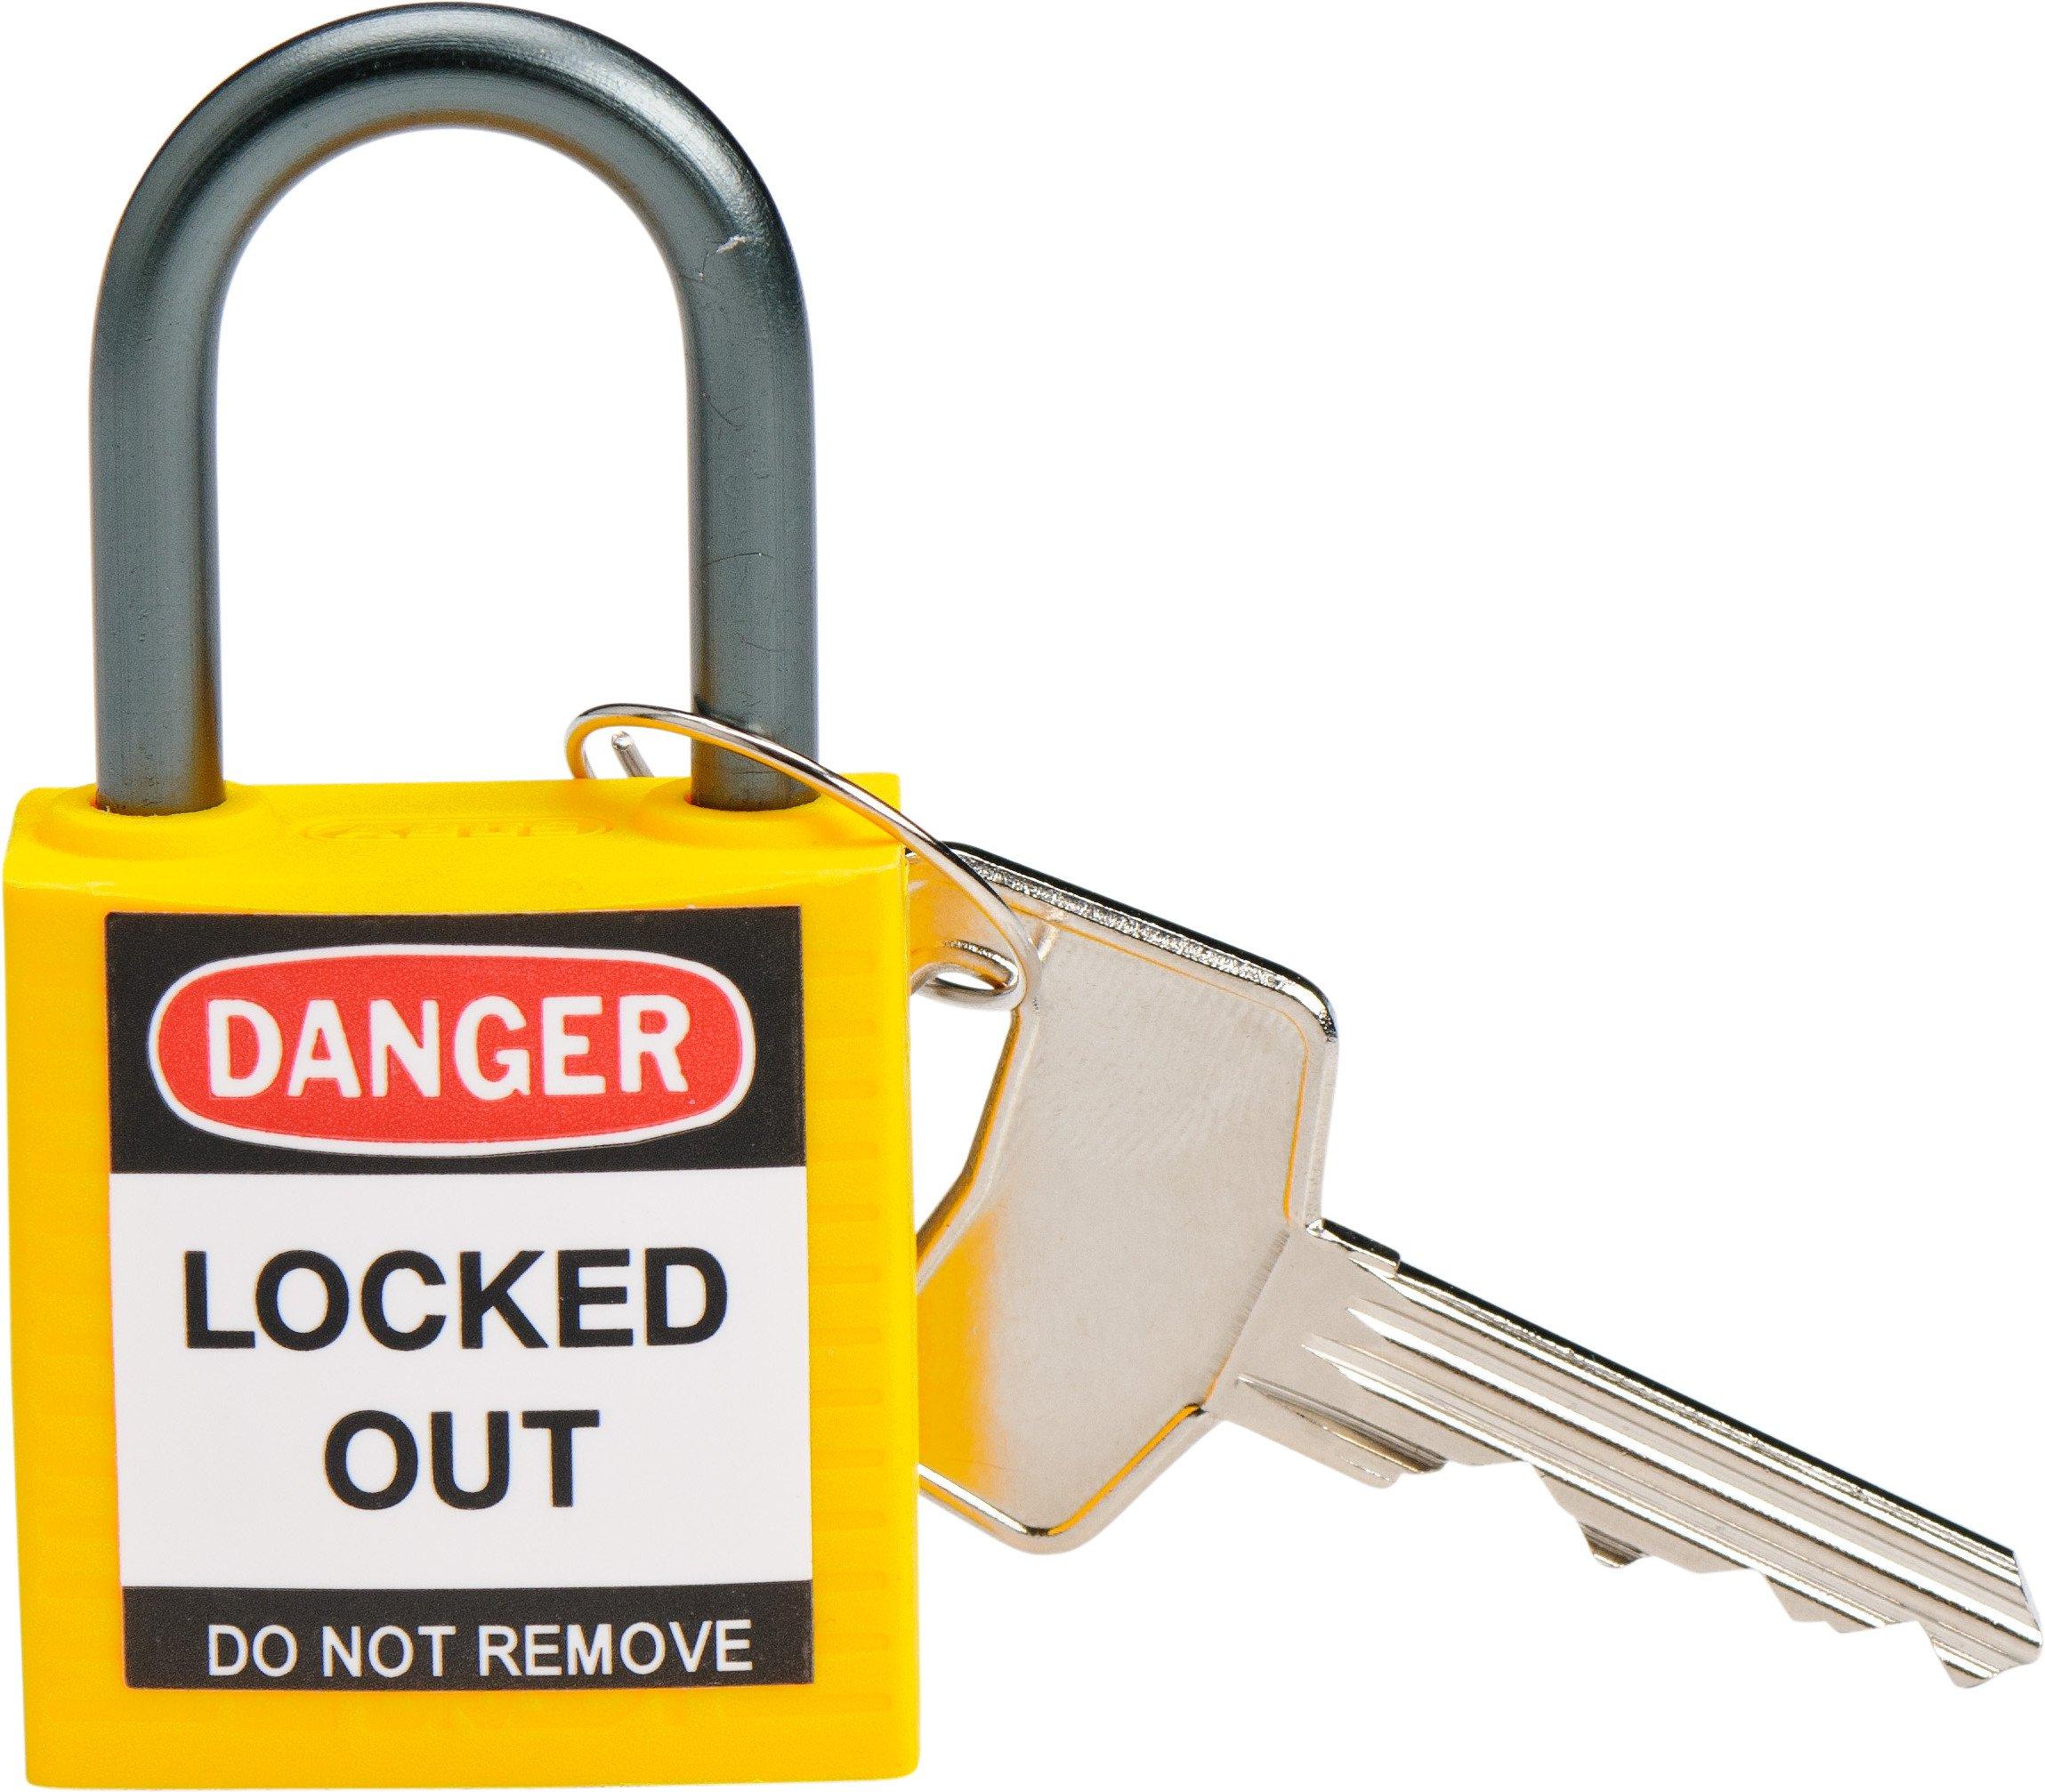 Brady 143158 Compact Safety Lock, Yellow